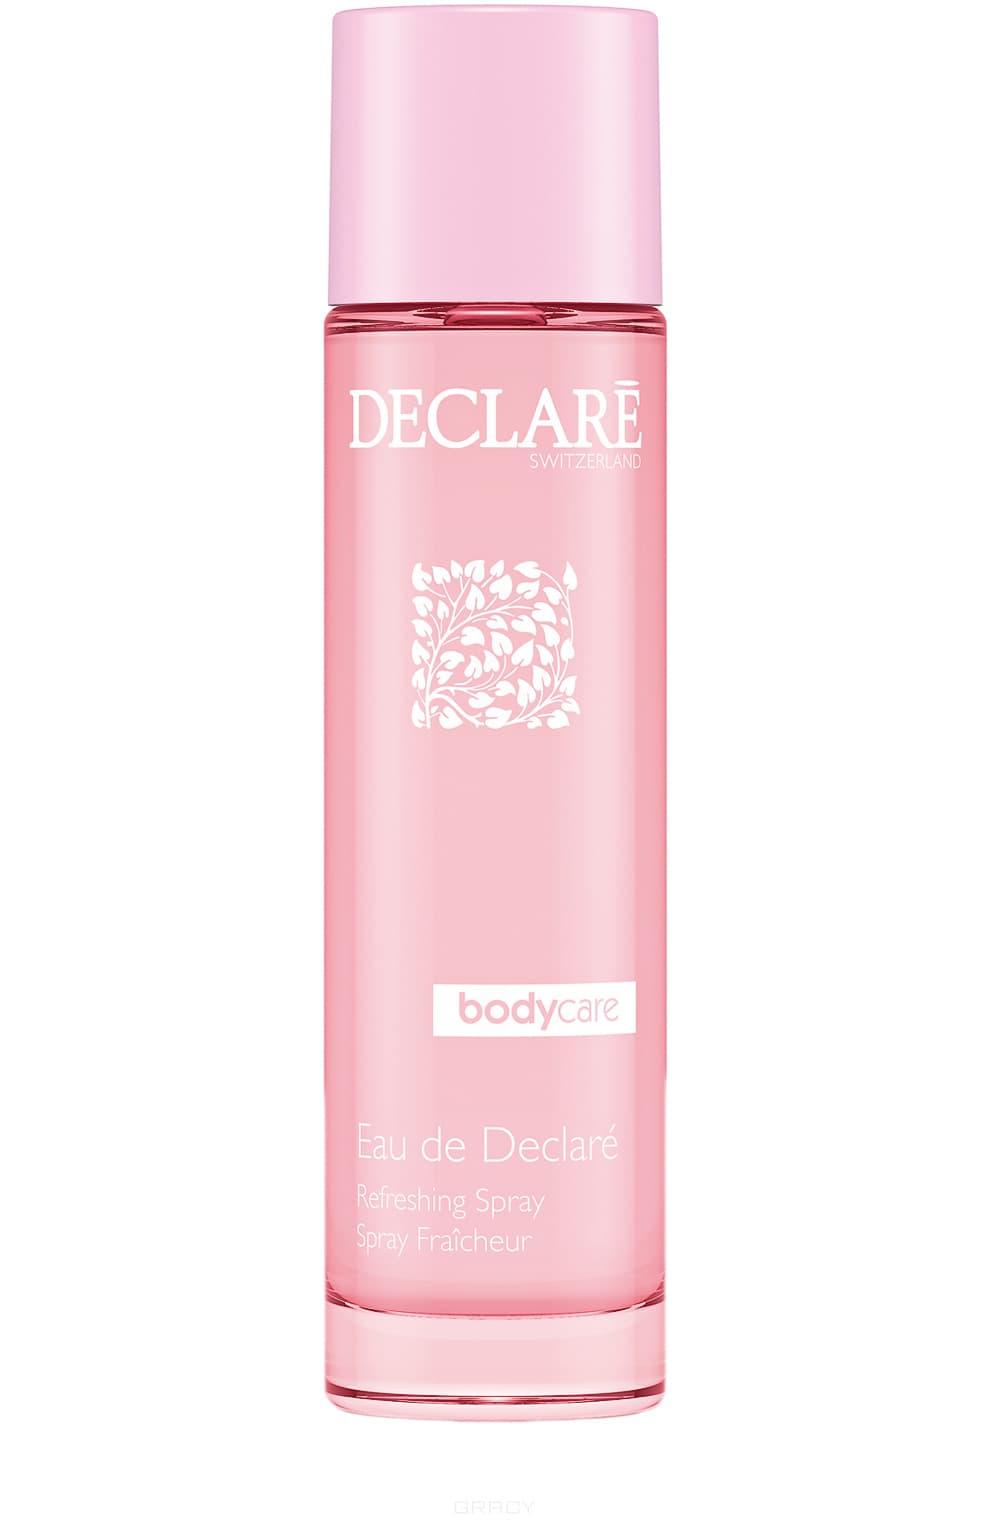 Освежающий спрей для тела Eau de Declar? Refreshing Spray, 100 мл